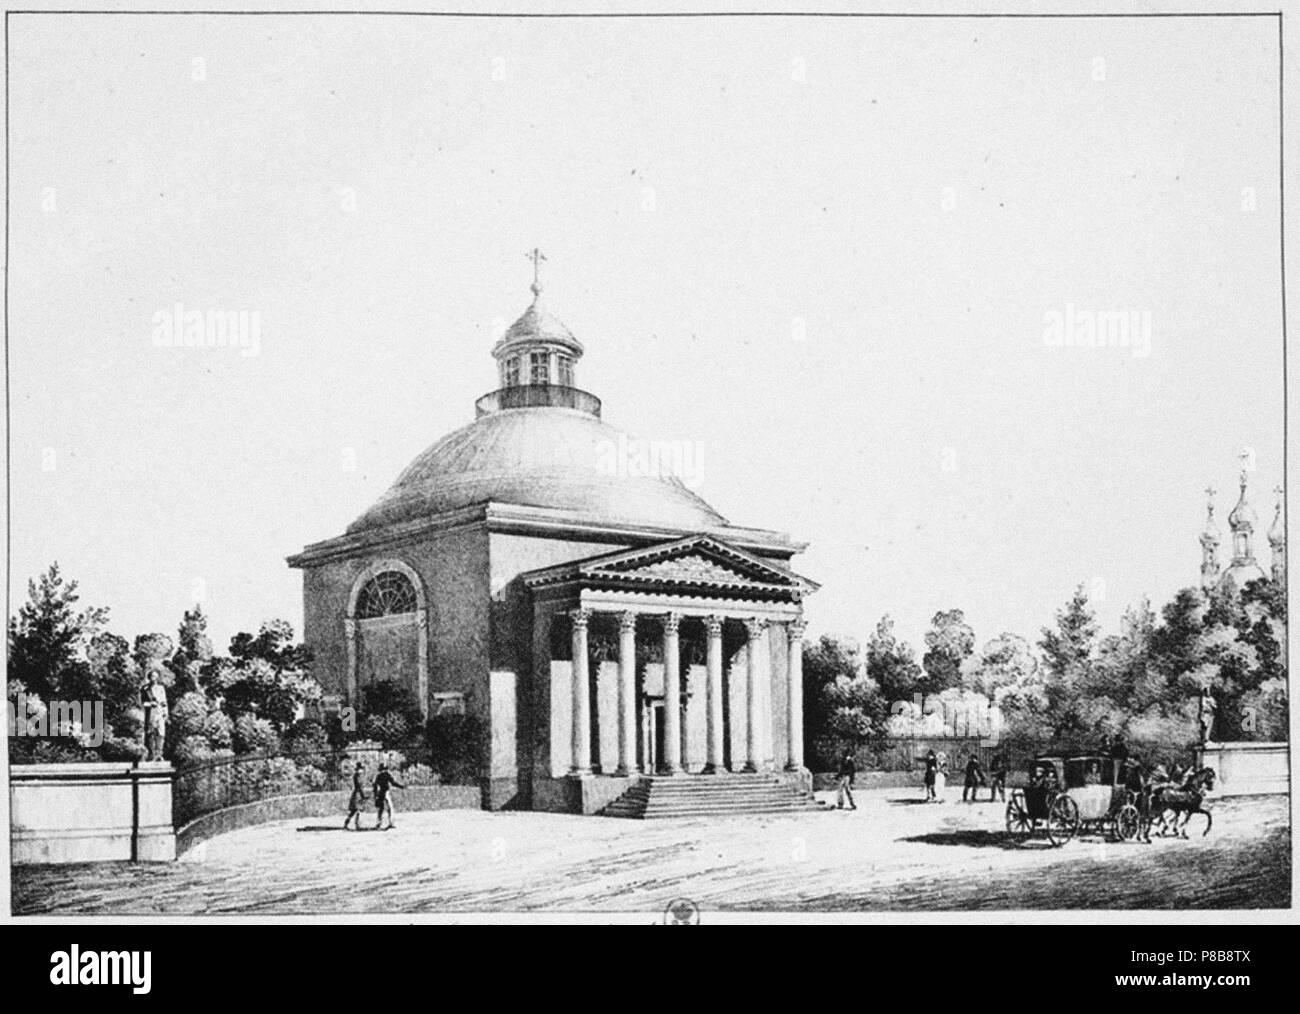 The Catholic St John the Baptist Church in Tsarskoye Selo. Museum: State Open-air Museum Tsarskoye Selo, St. Petersburg. - Stock Image